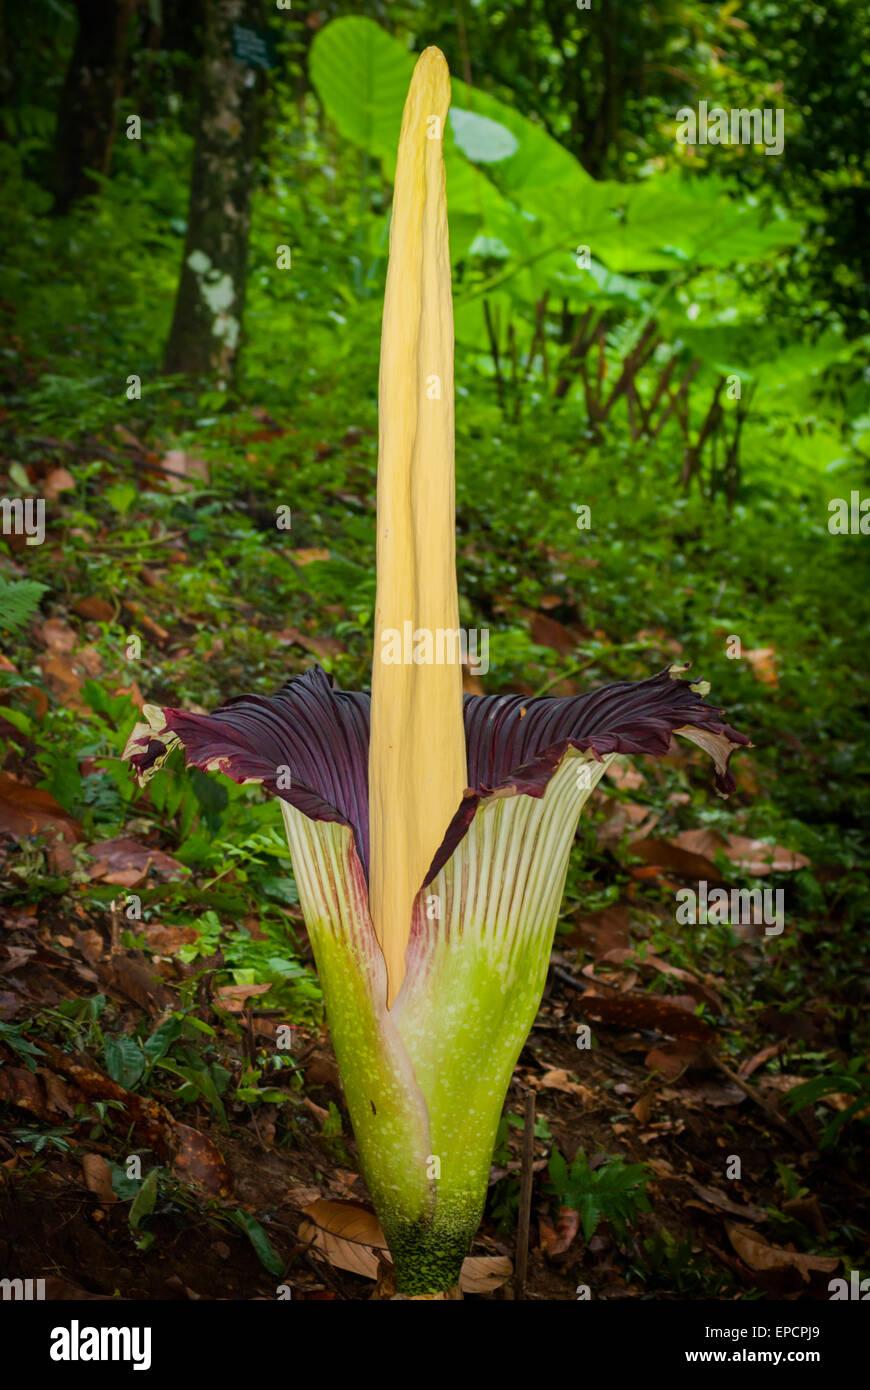 Titan arum (Amorphophallus titanum), the Amorphophallus with the largest inflorescence. © Reynold Sumayku - Stock Image